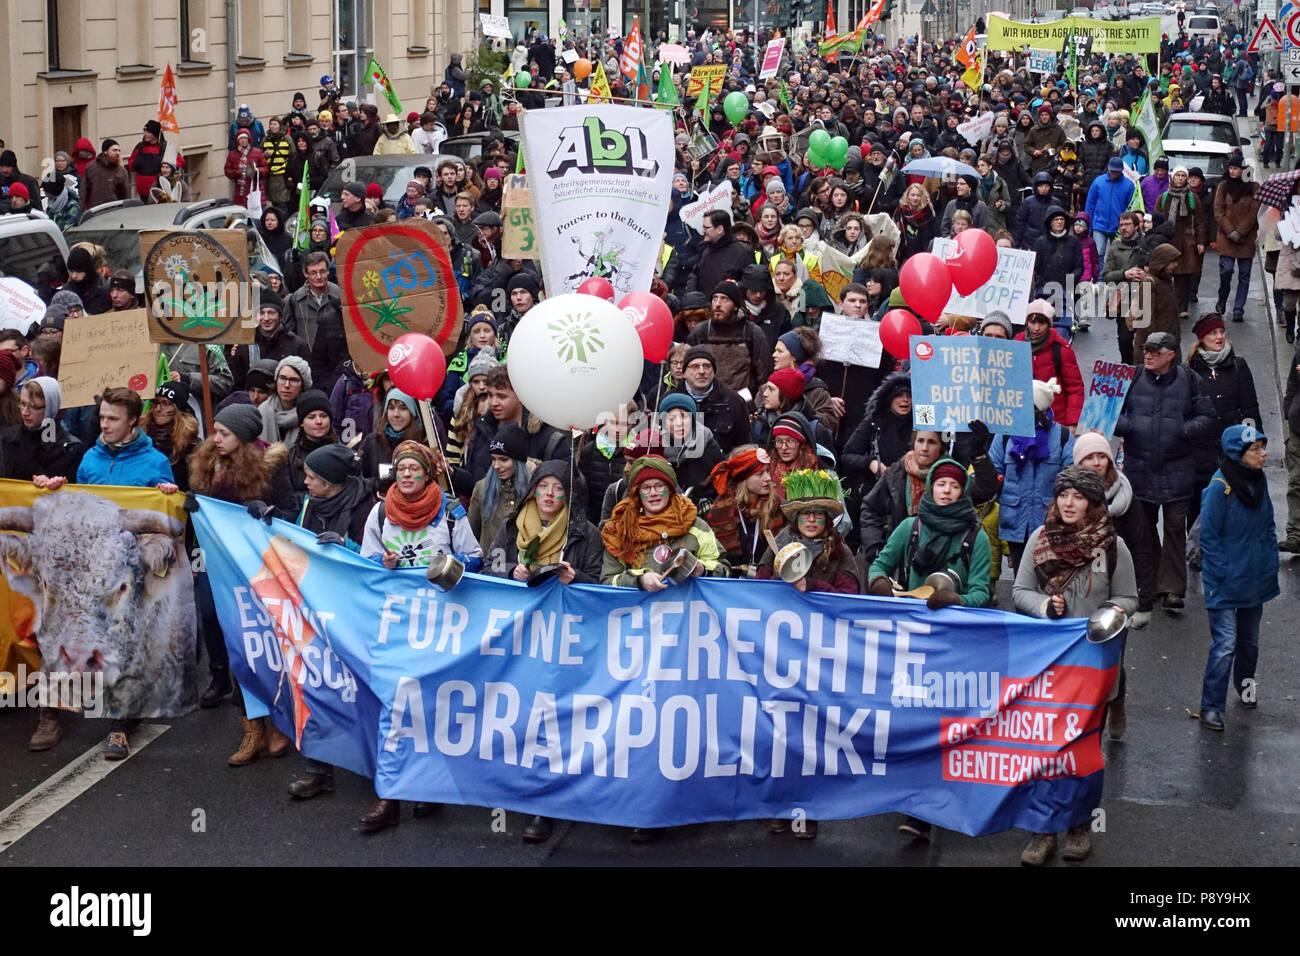 Berlín, Alemania, las personas están protestando con pancartas en la demo - estamos enfermos! Imagen De Stock